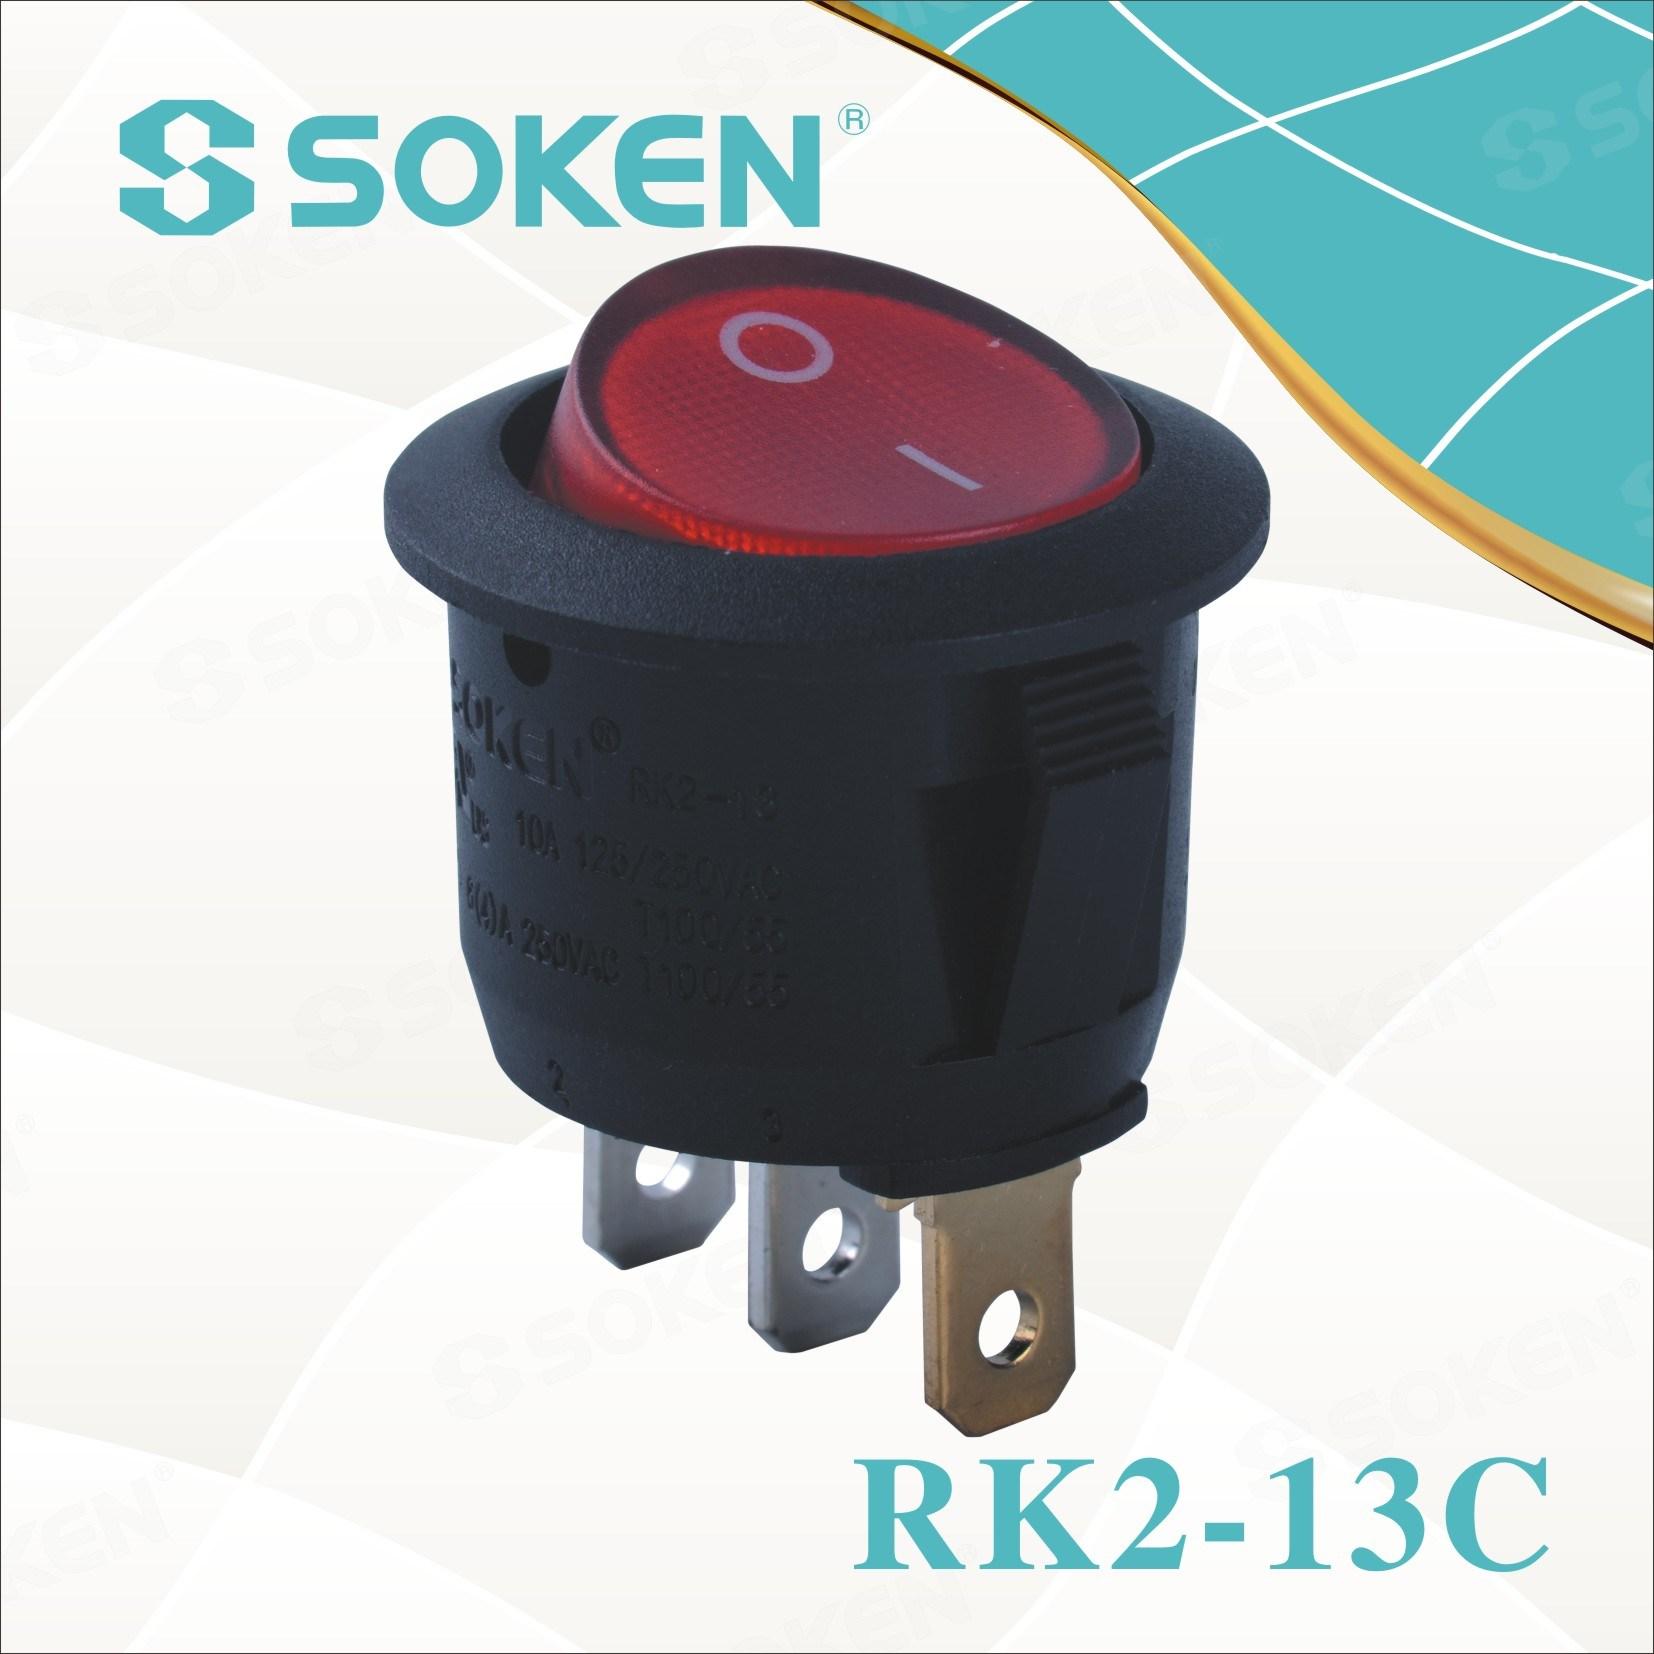 Soken Rk2-13c 1X1n Round on off Rocker Switch